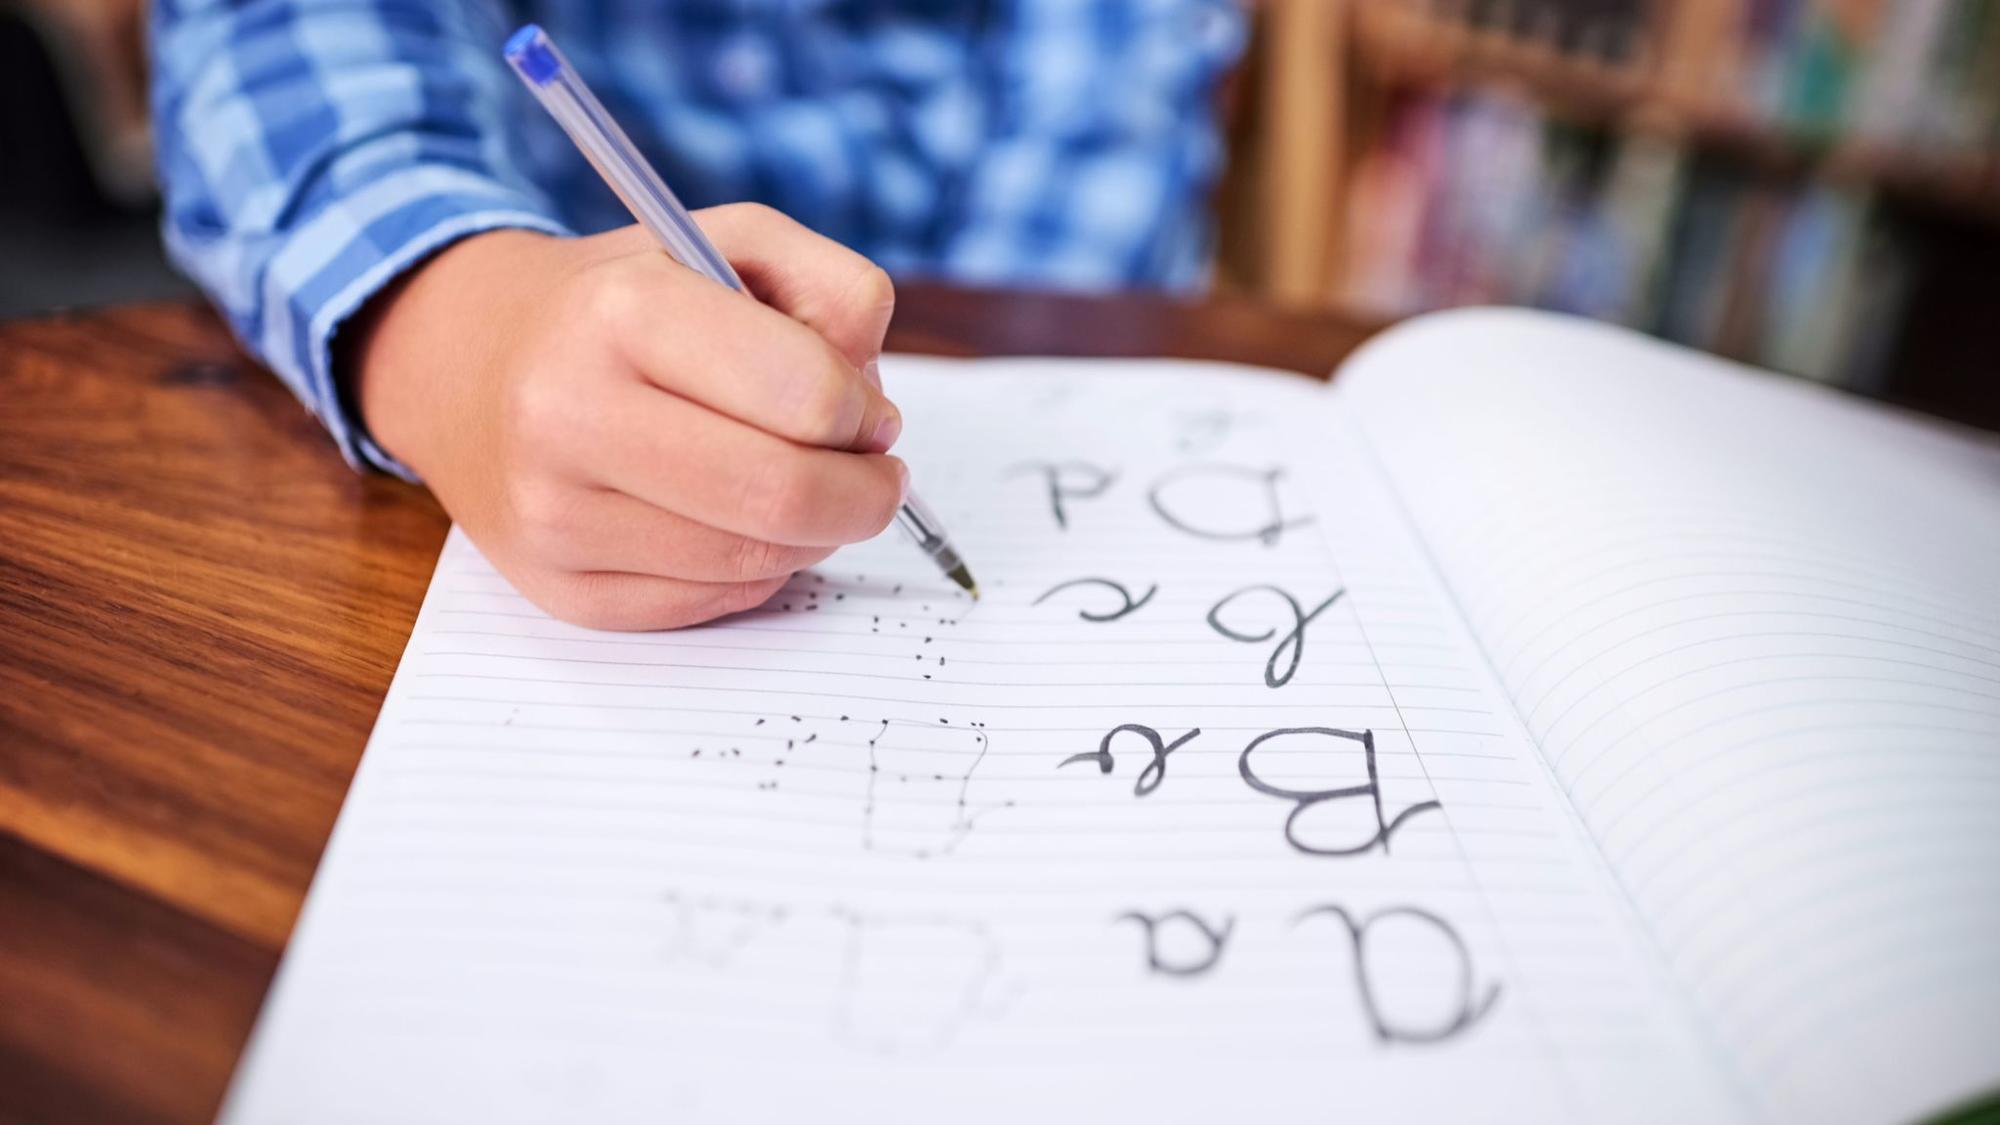 Et si on laissait leur chance aux dyslexiques?